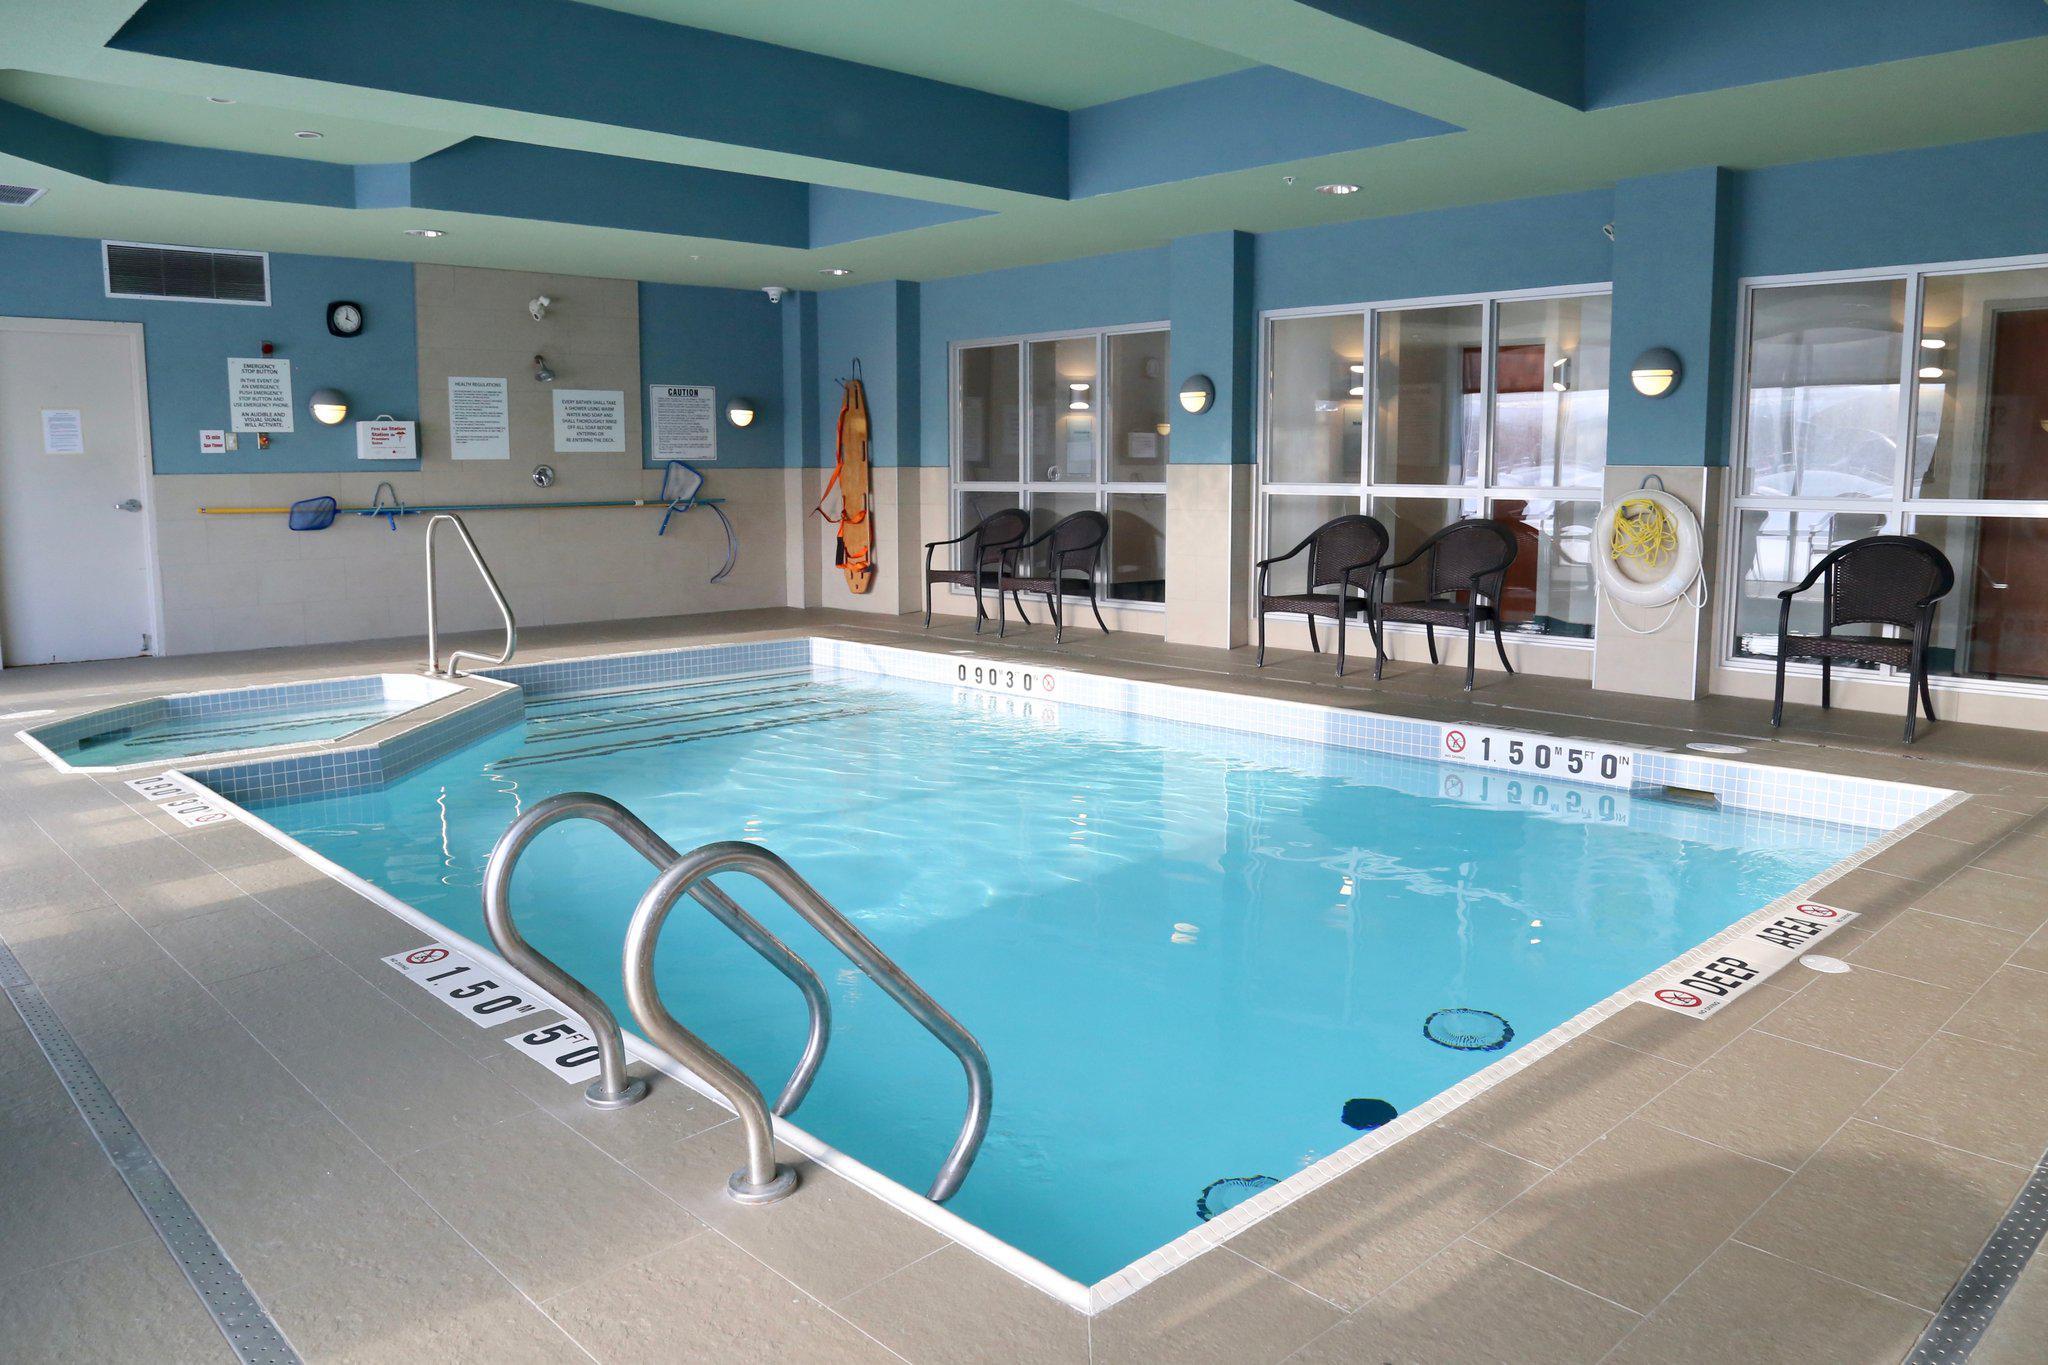 Holiday Inn Express & Suites Brampton